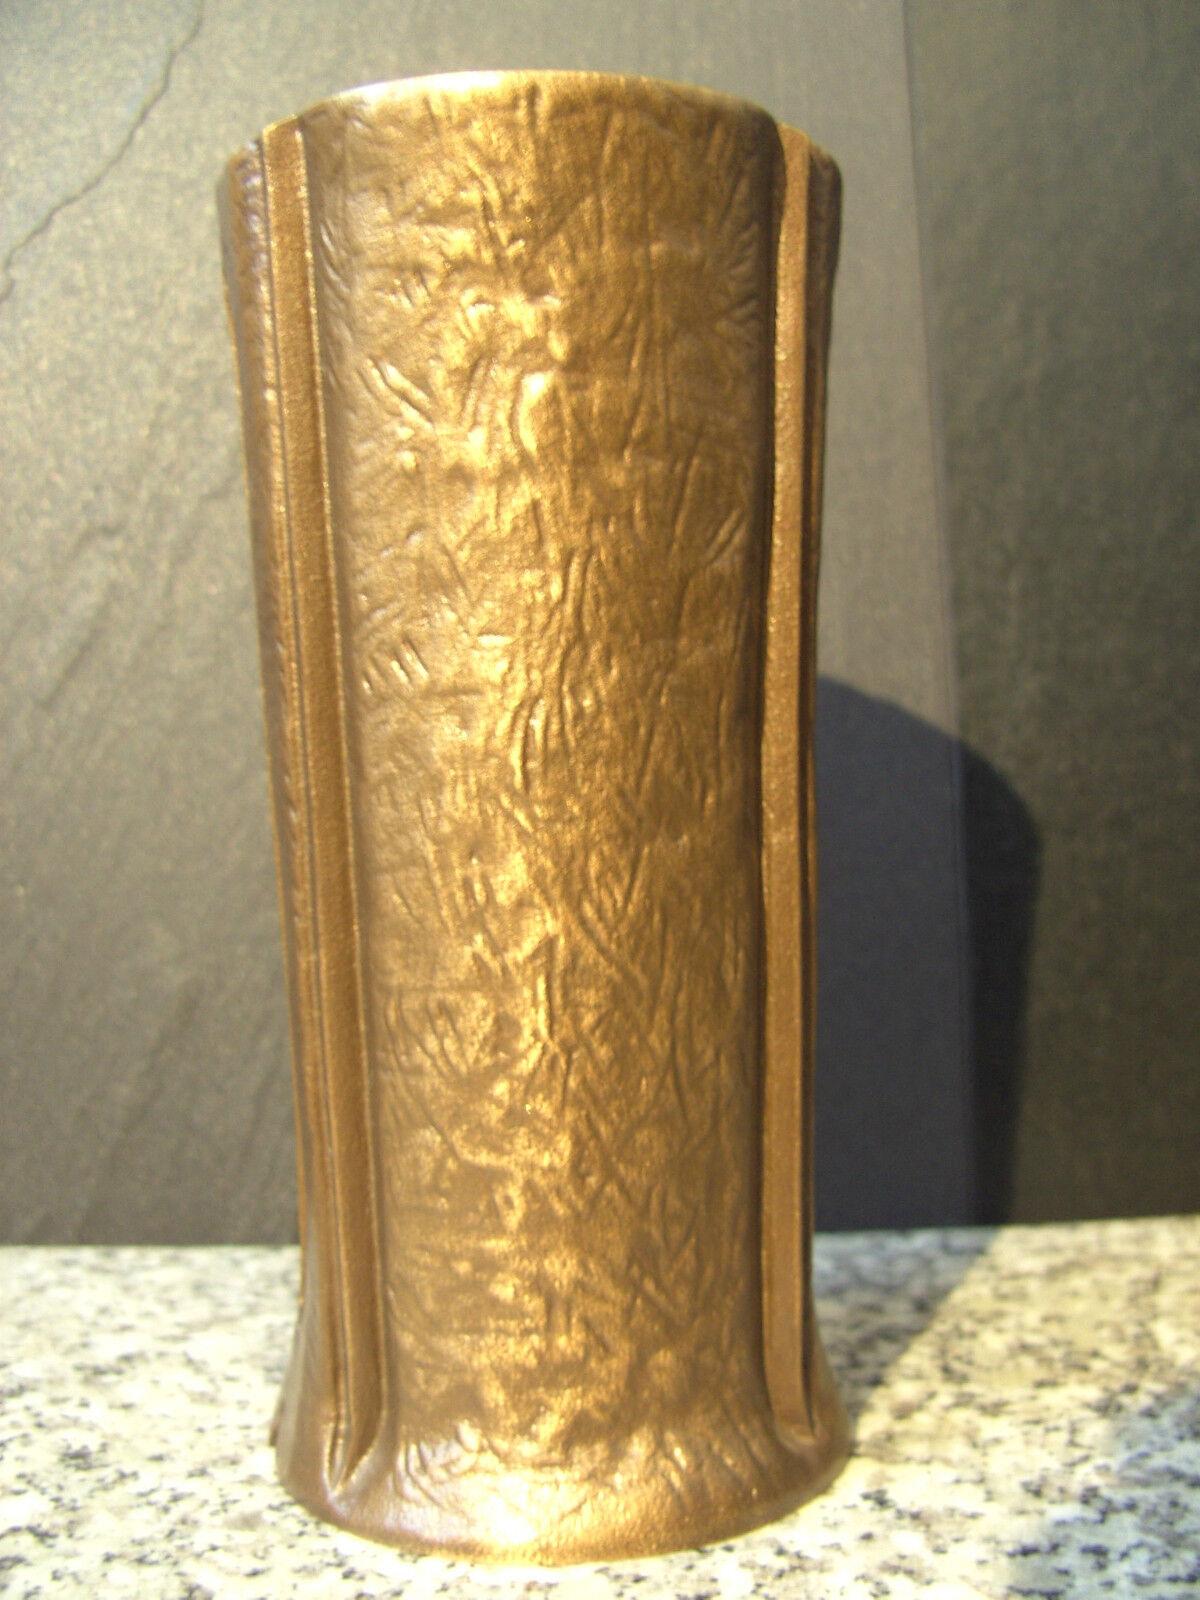 Grabvase 54880, Vase, Blaumenvase,  Bronzevase, Grabschmuck aus Bronze, Friedhof